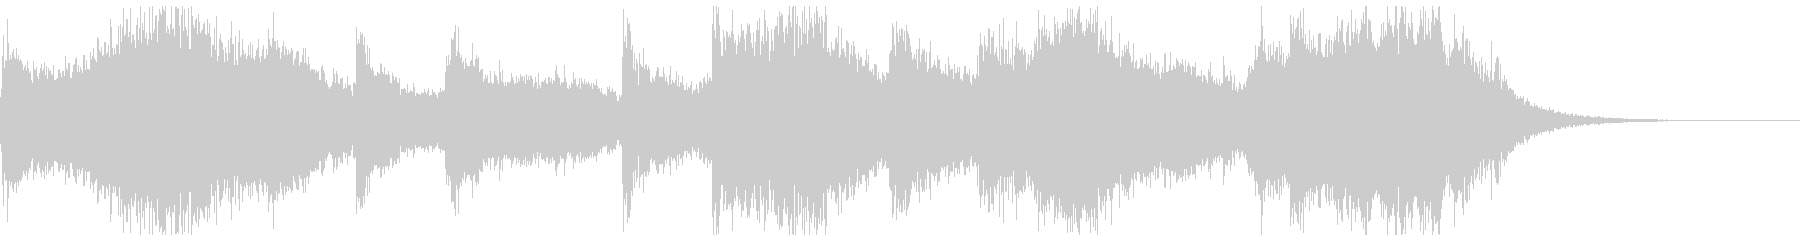 ホラーでよくあるオーケストラの不協和音の未再生の波形